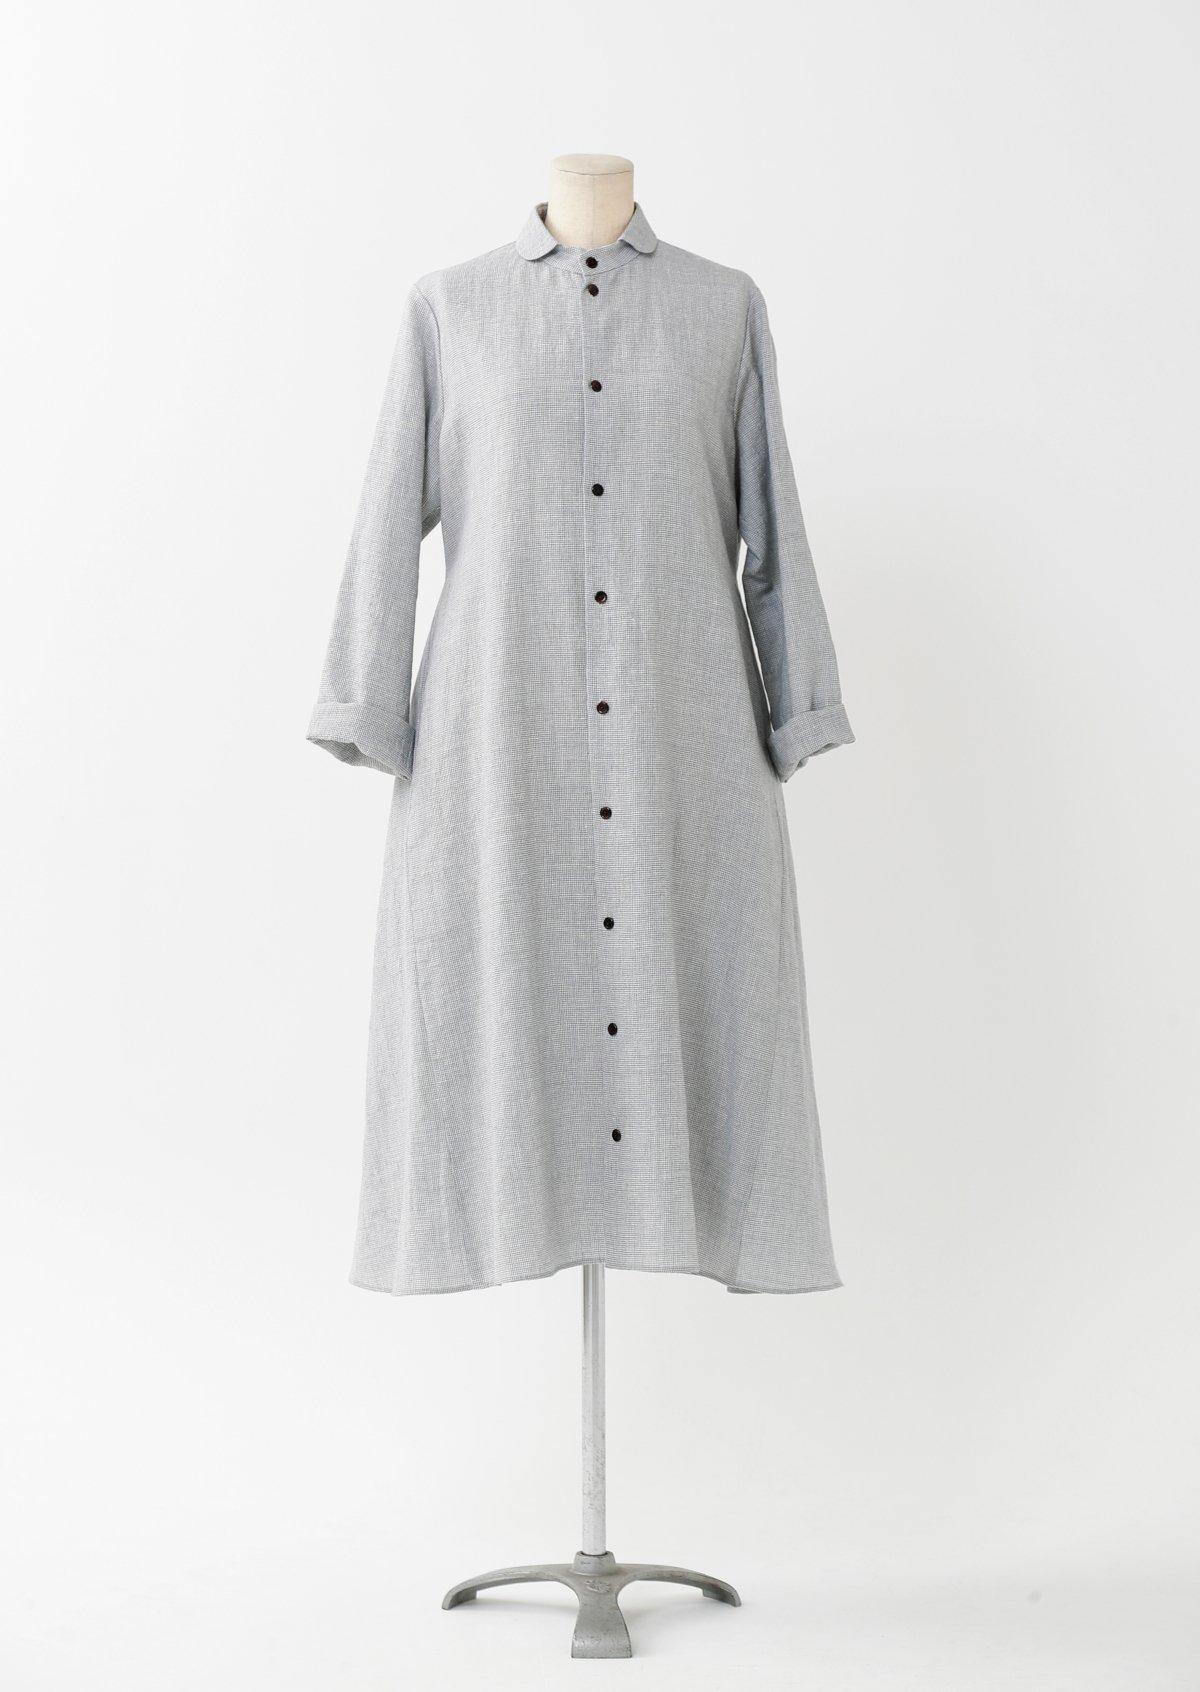 ドレスシャツ/リネンウール